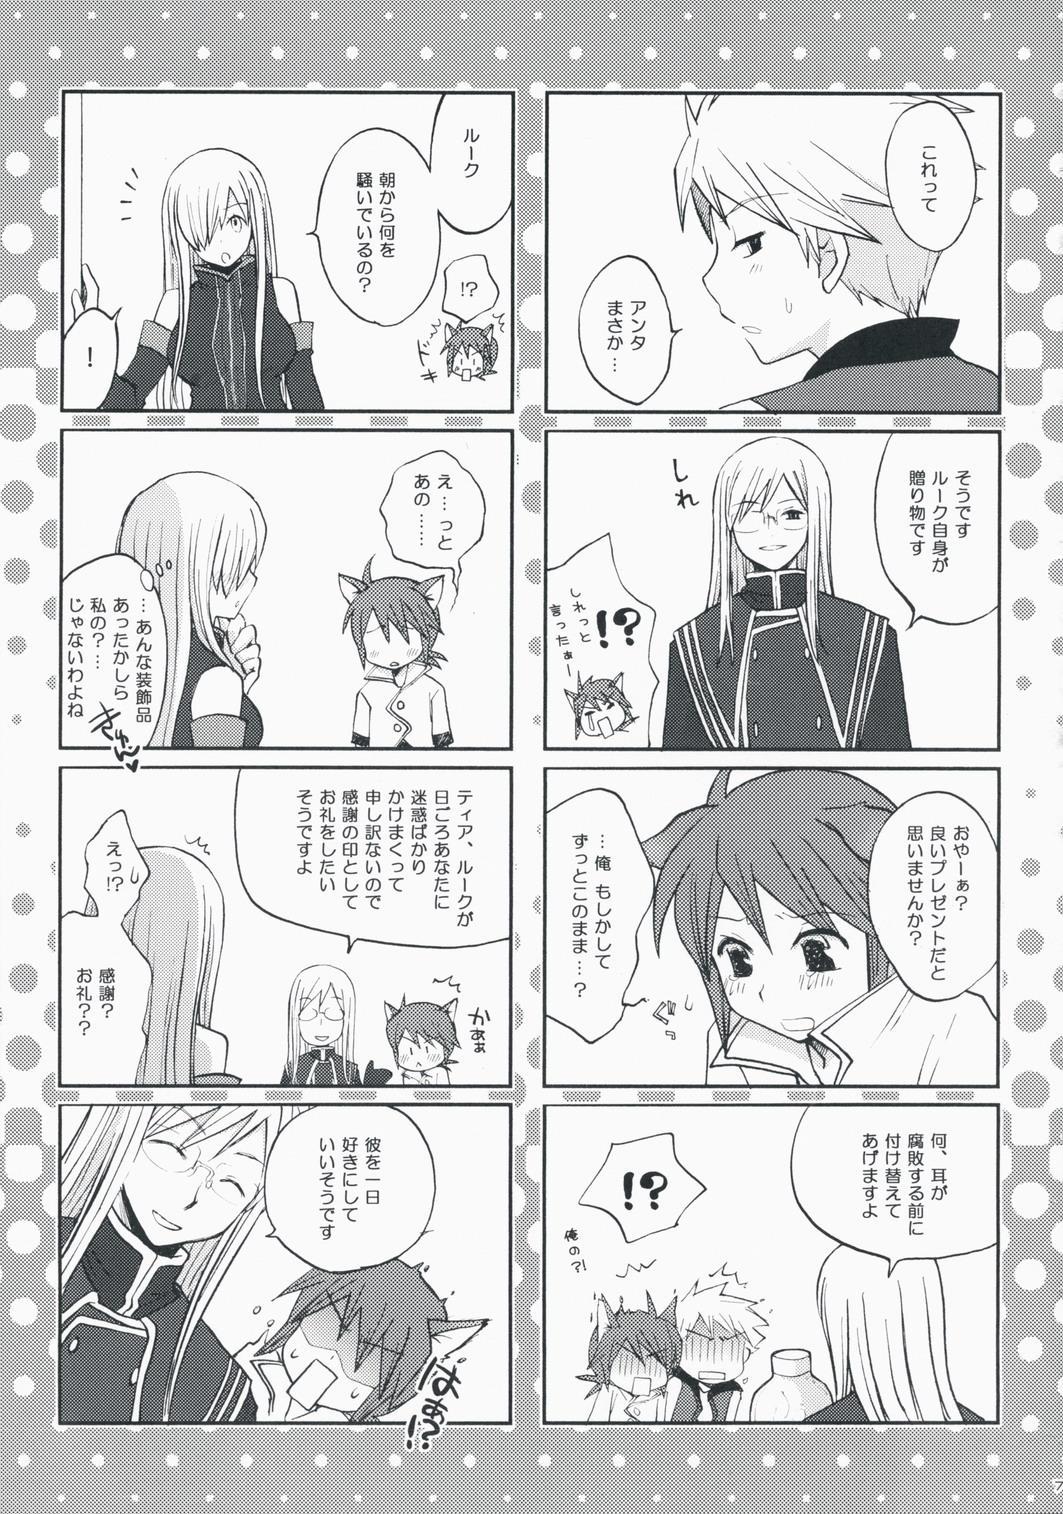 Kawaii Kotoha Yoikoto Dato Omoi Masu 5